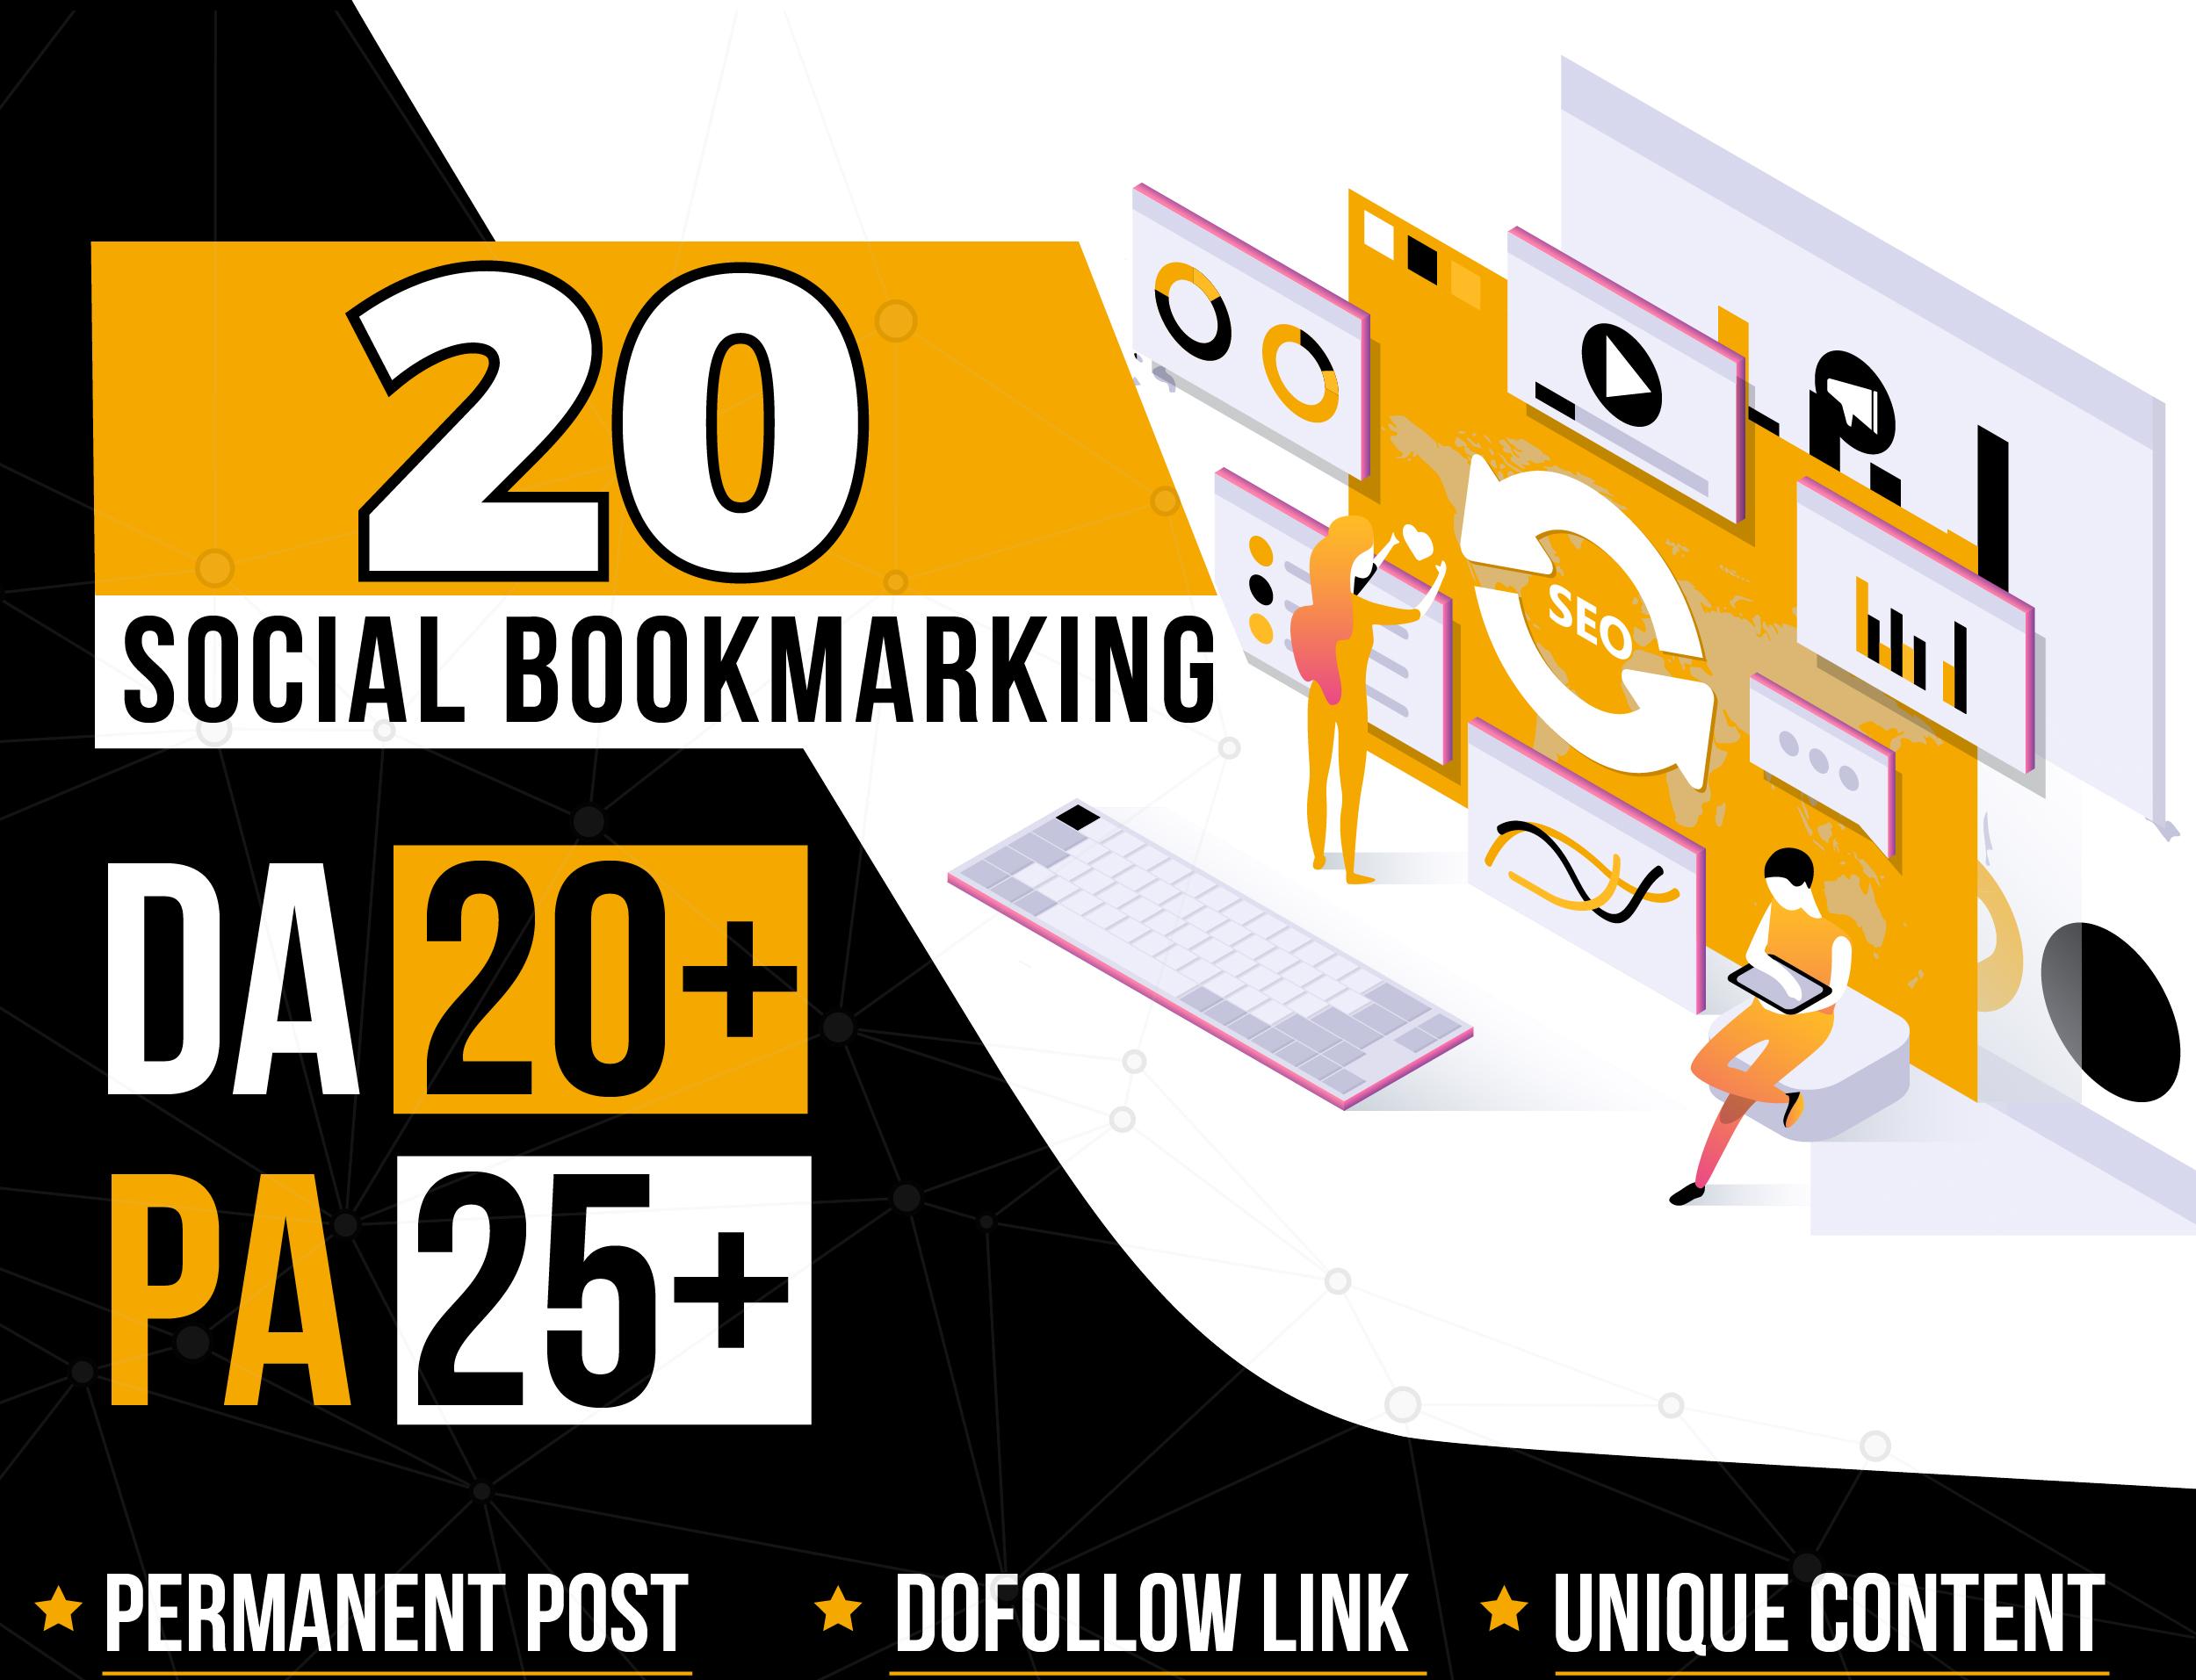 I will Provide 20 Social Bookmark High DA PA